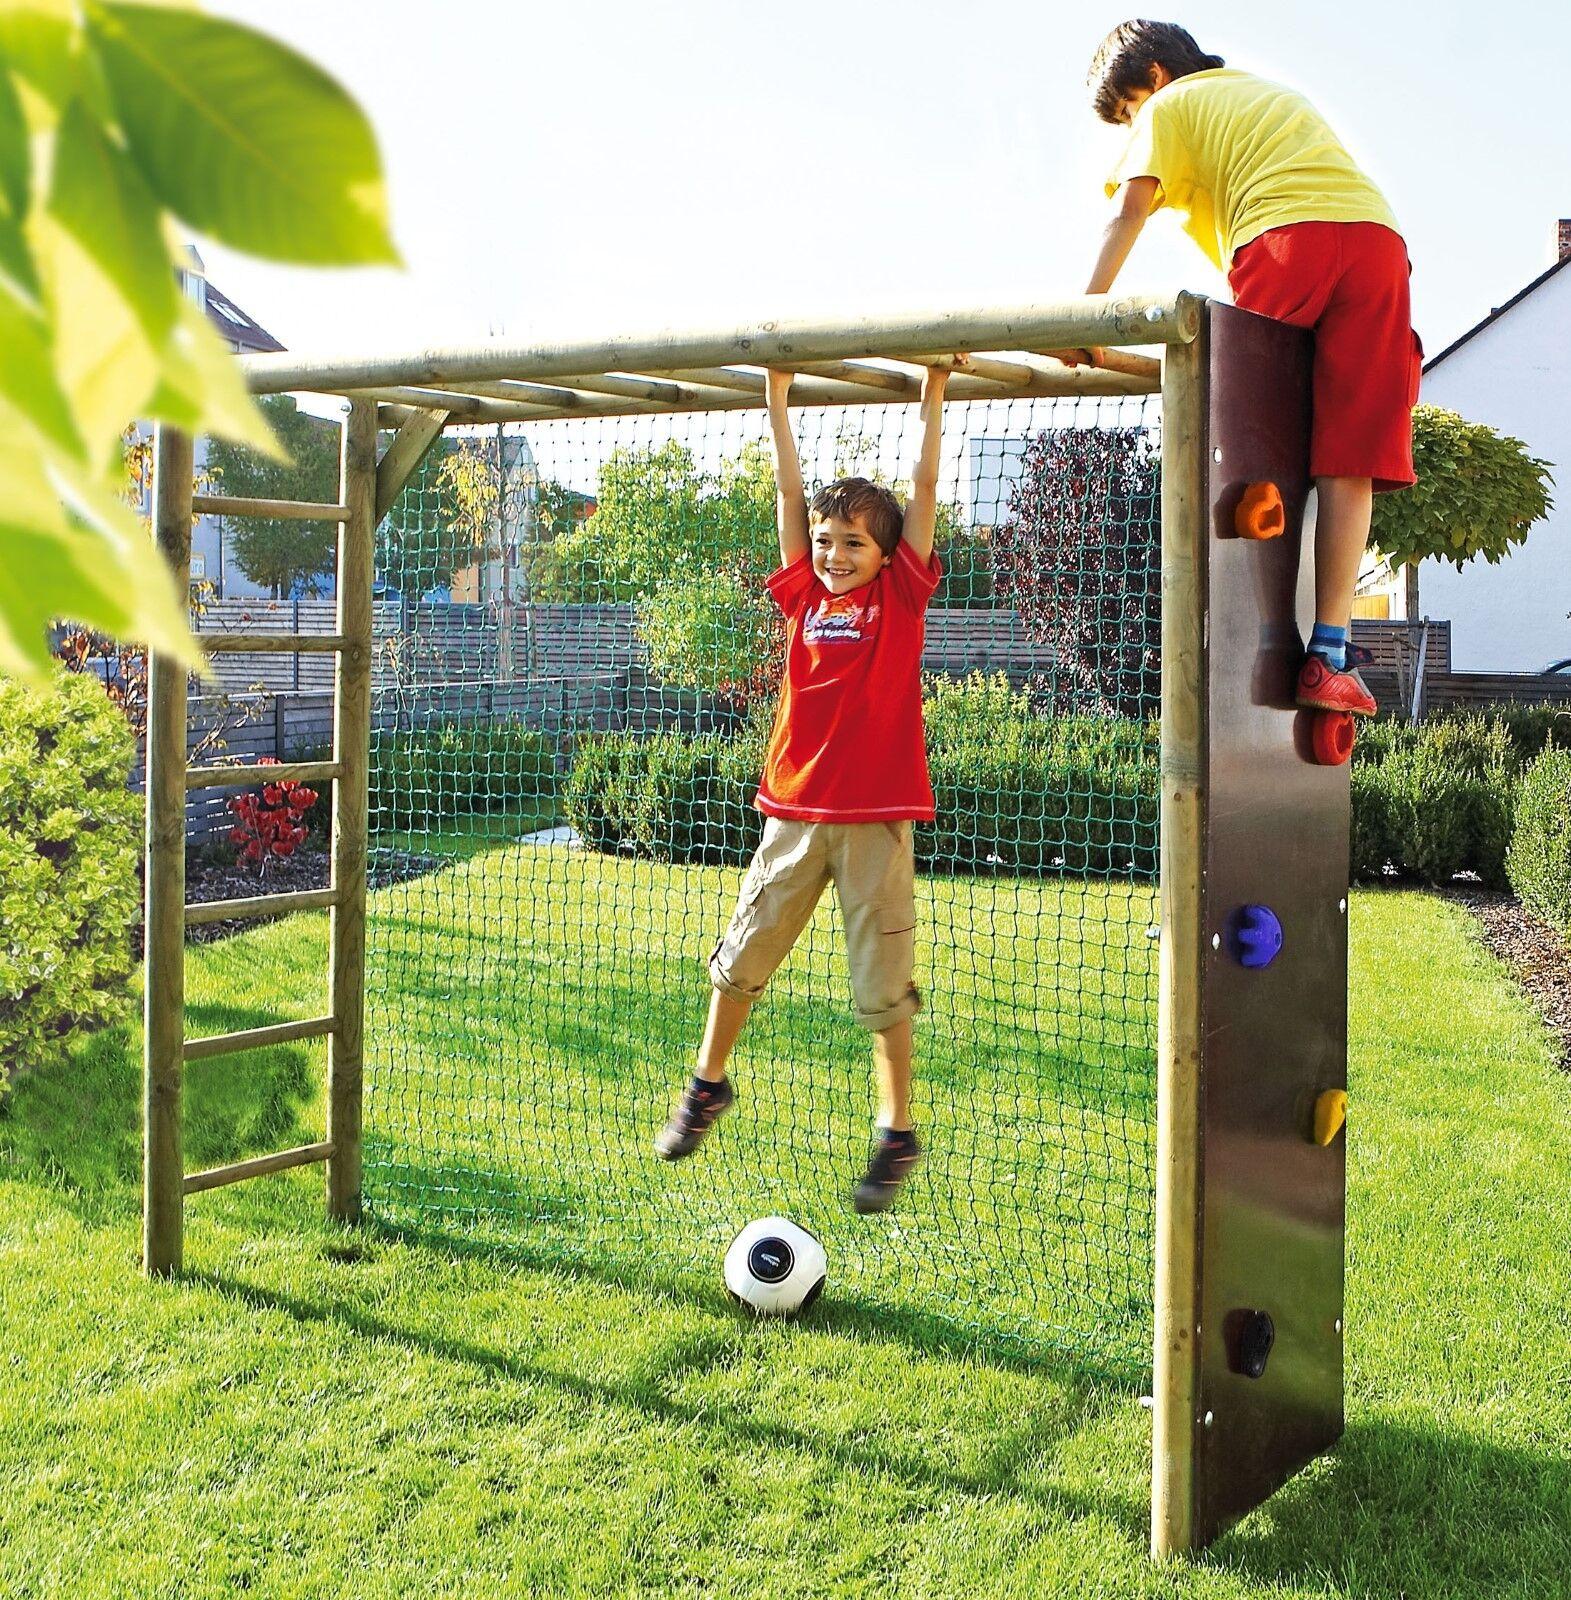 Bekletterbares Fußballtor für Kinder Fußballwand Holz Spielturm Spielturm Spielturm Klettergerüst 3a746a